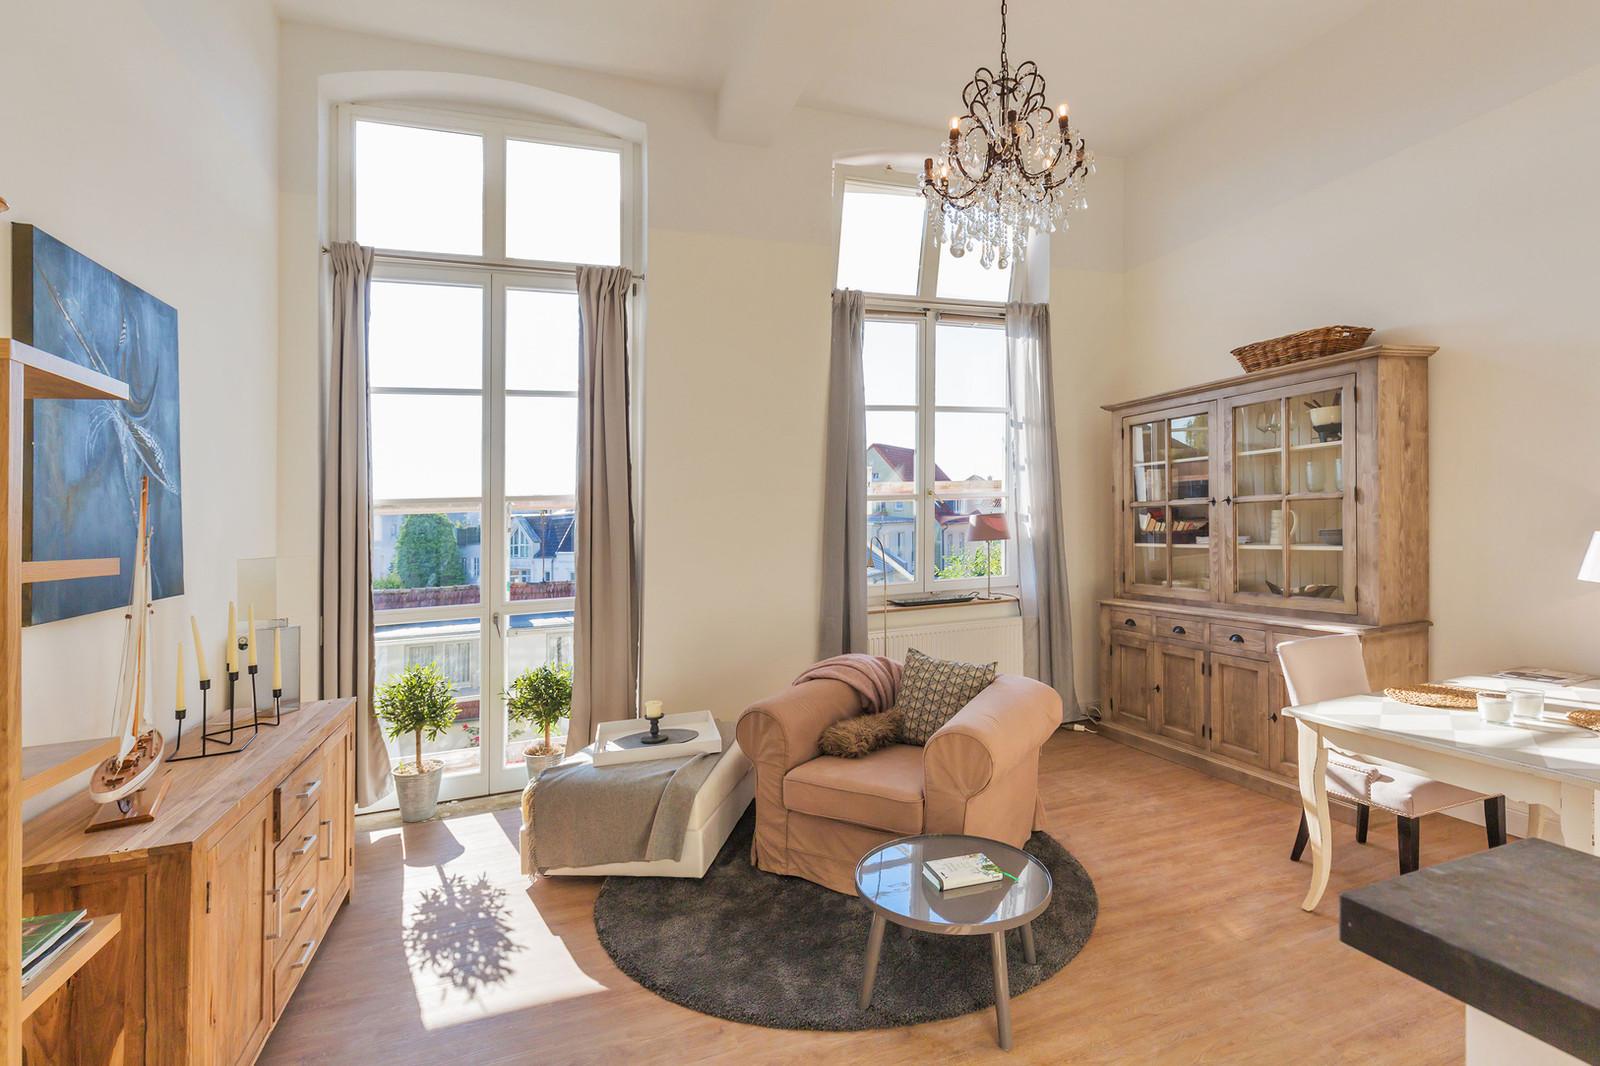 ausstattung und preisbeispiel betreutes wohnen oldenburg. Black Bedroom Furniture Sets. Home Design Ideas